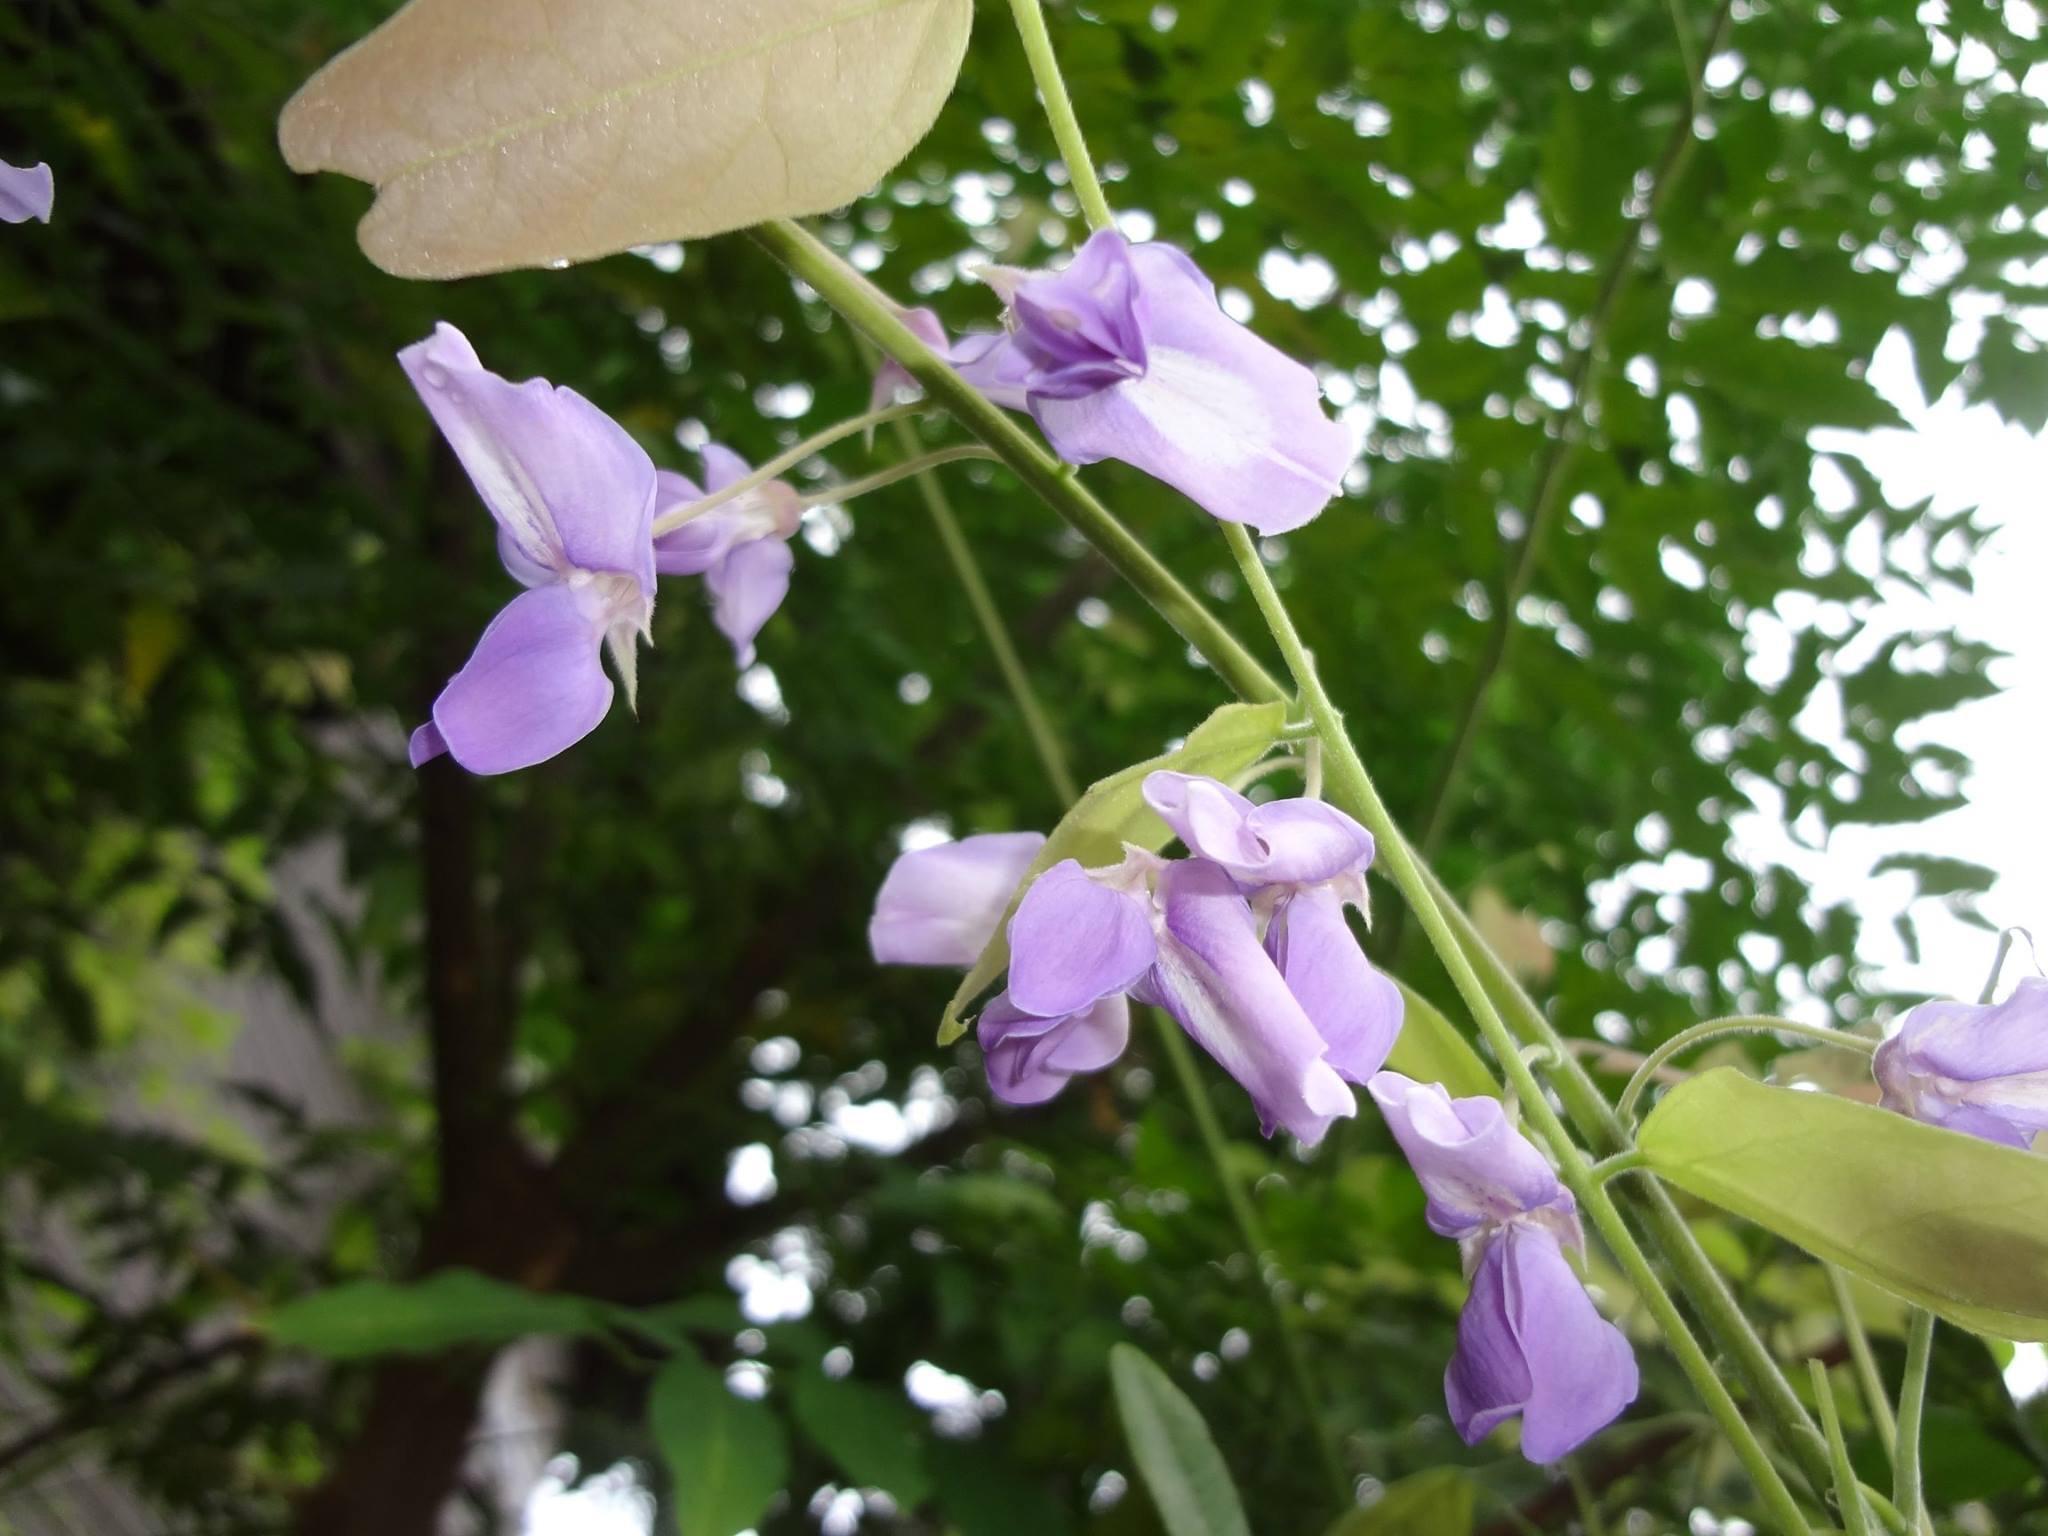 季節外れの藤(ふじ)の花が咲いていました。